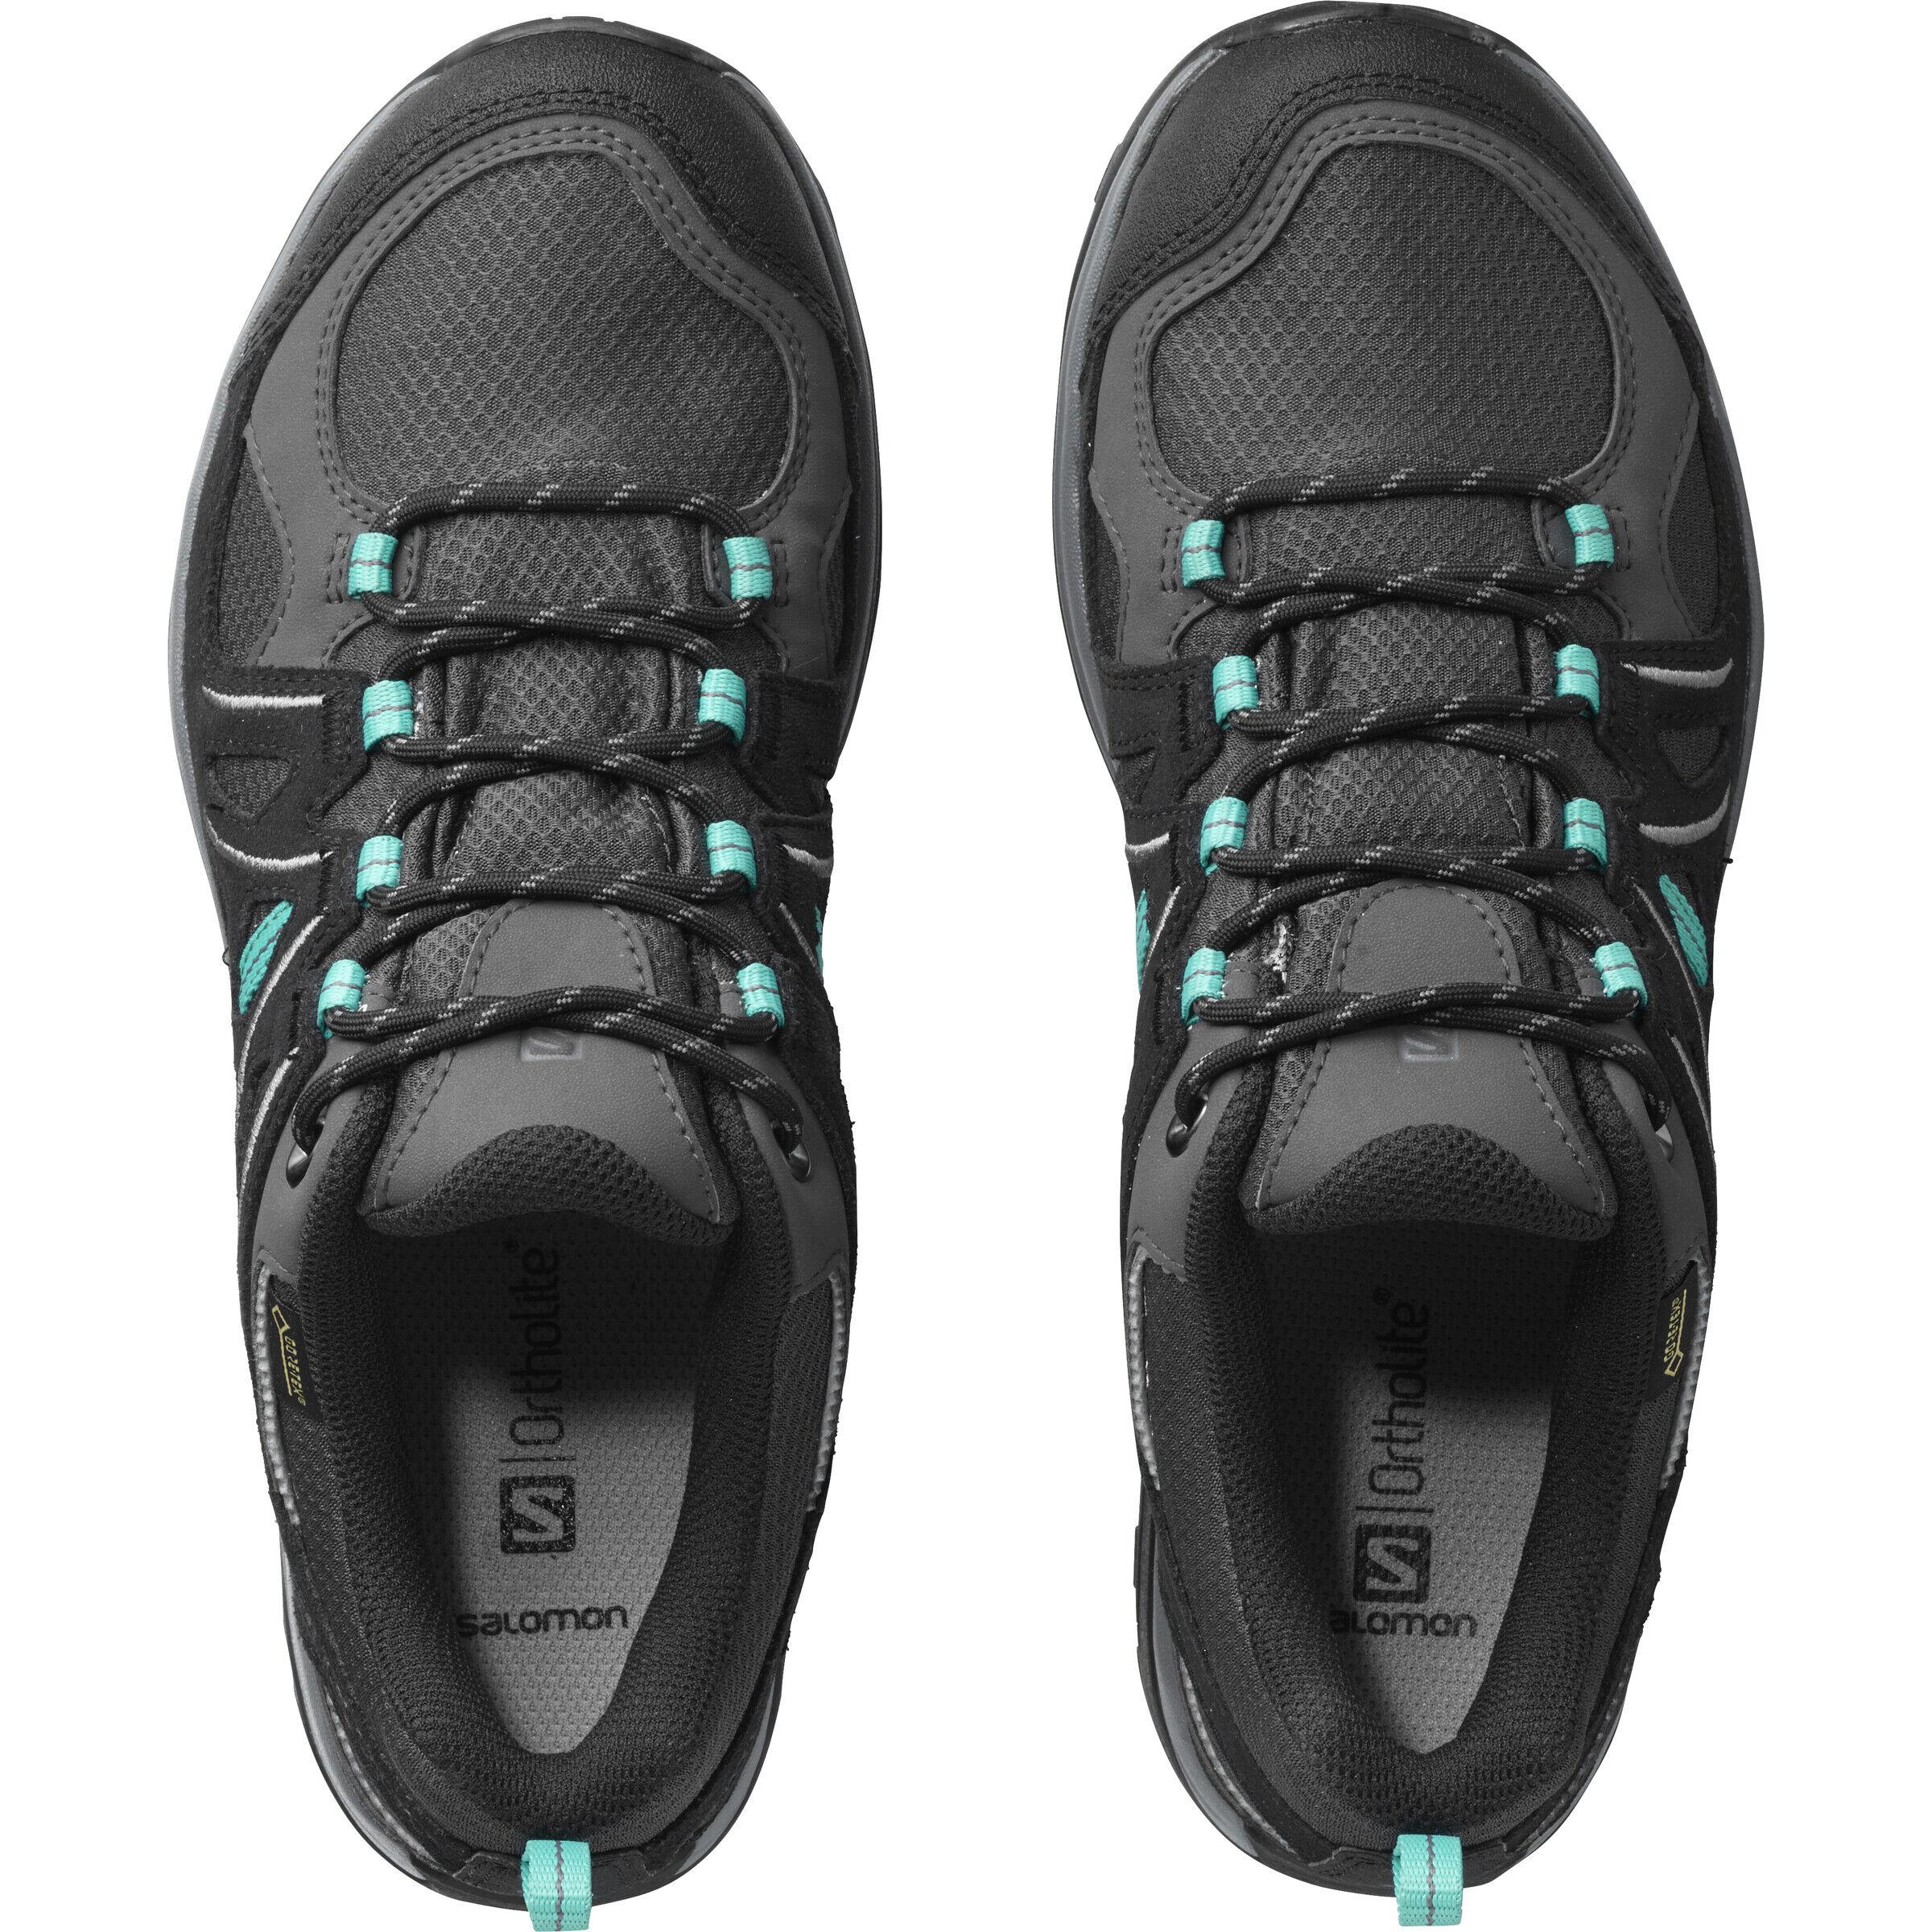 Salomon Ellipse 2 GTX Shoes Dam magnetblackatlantis